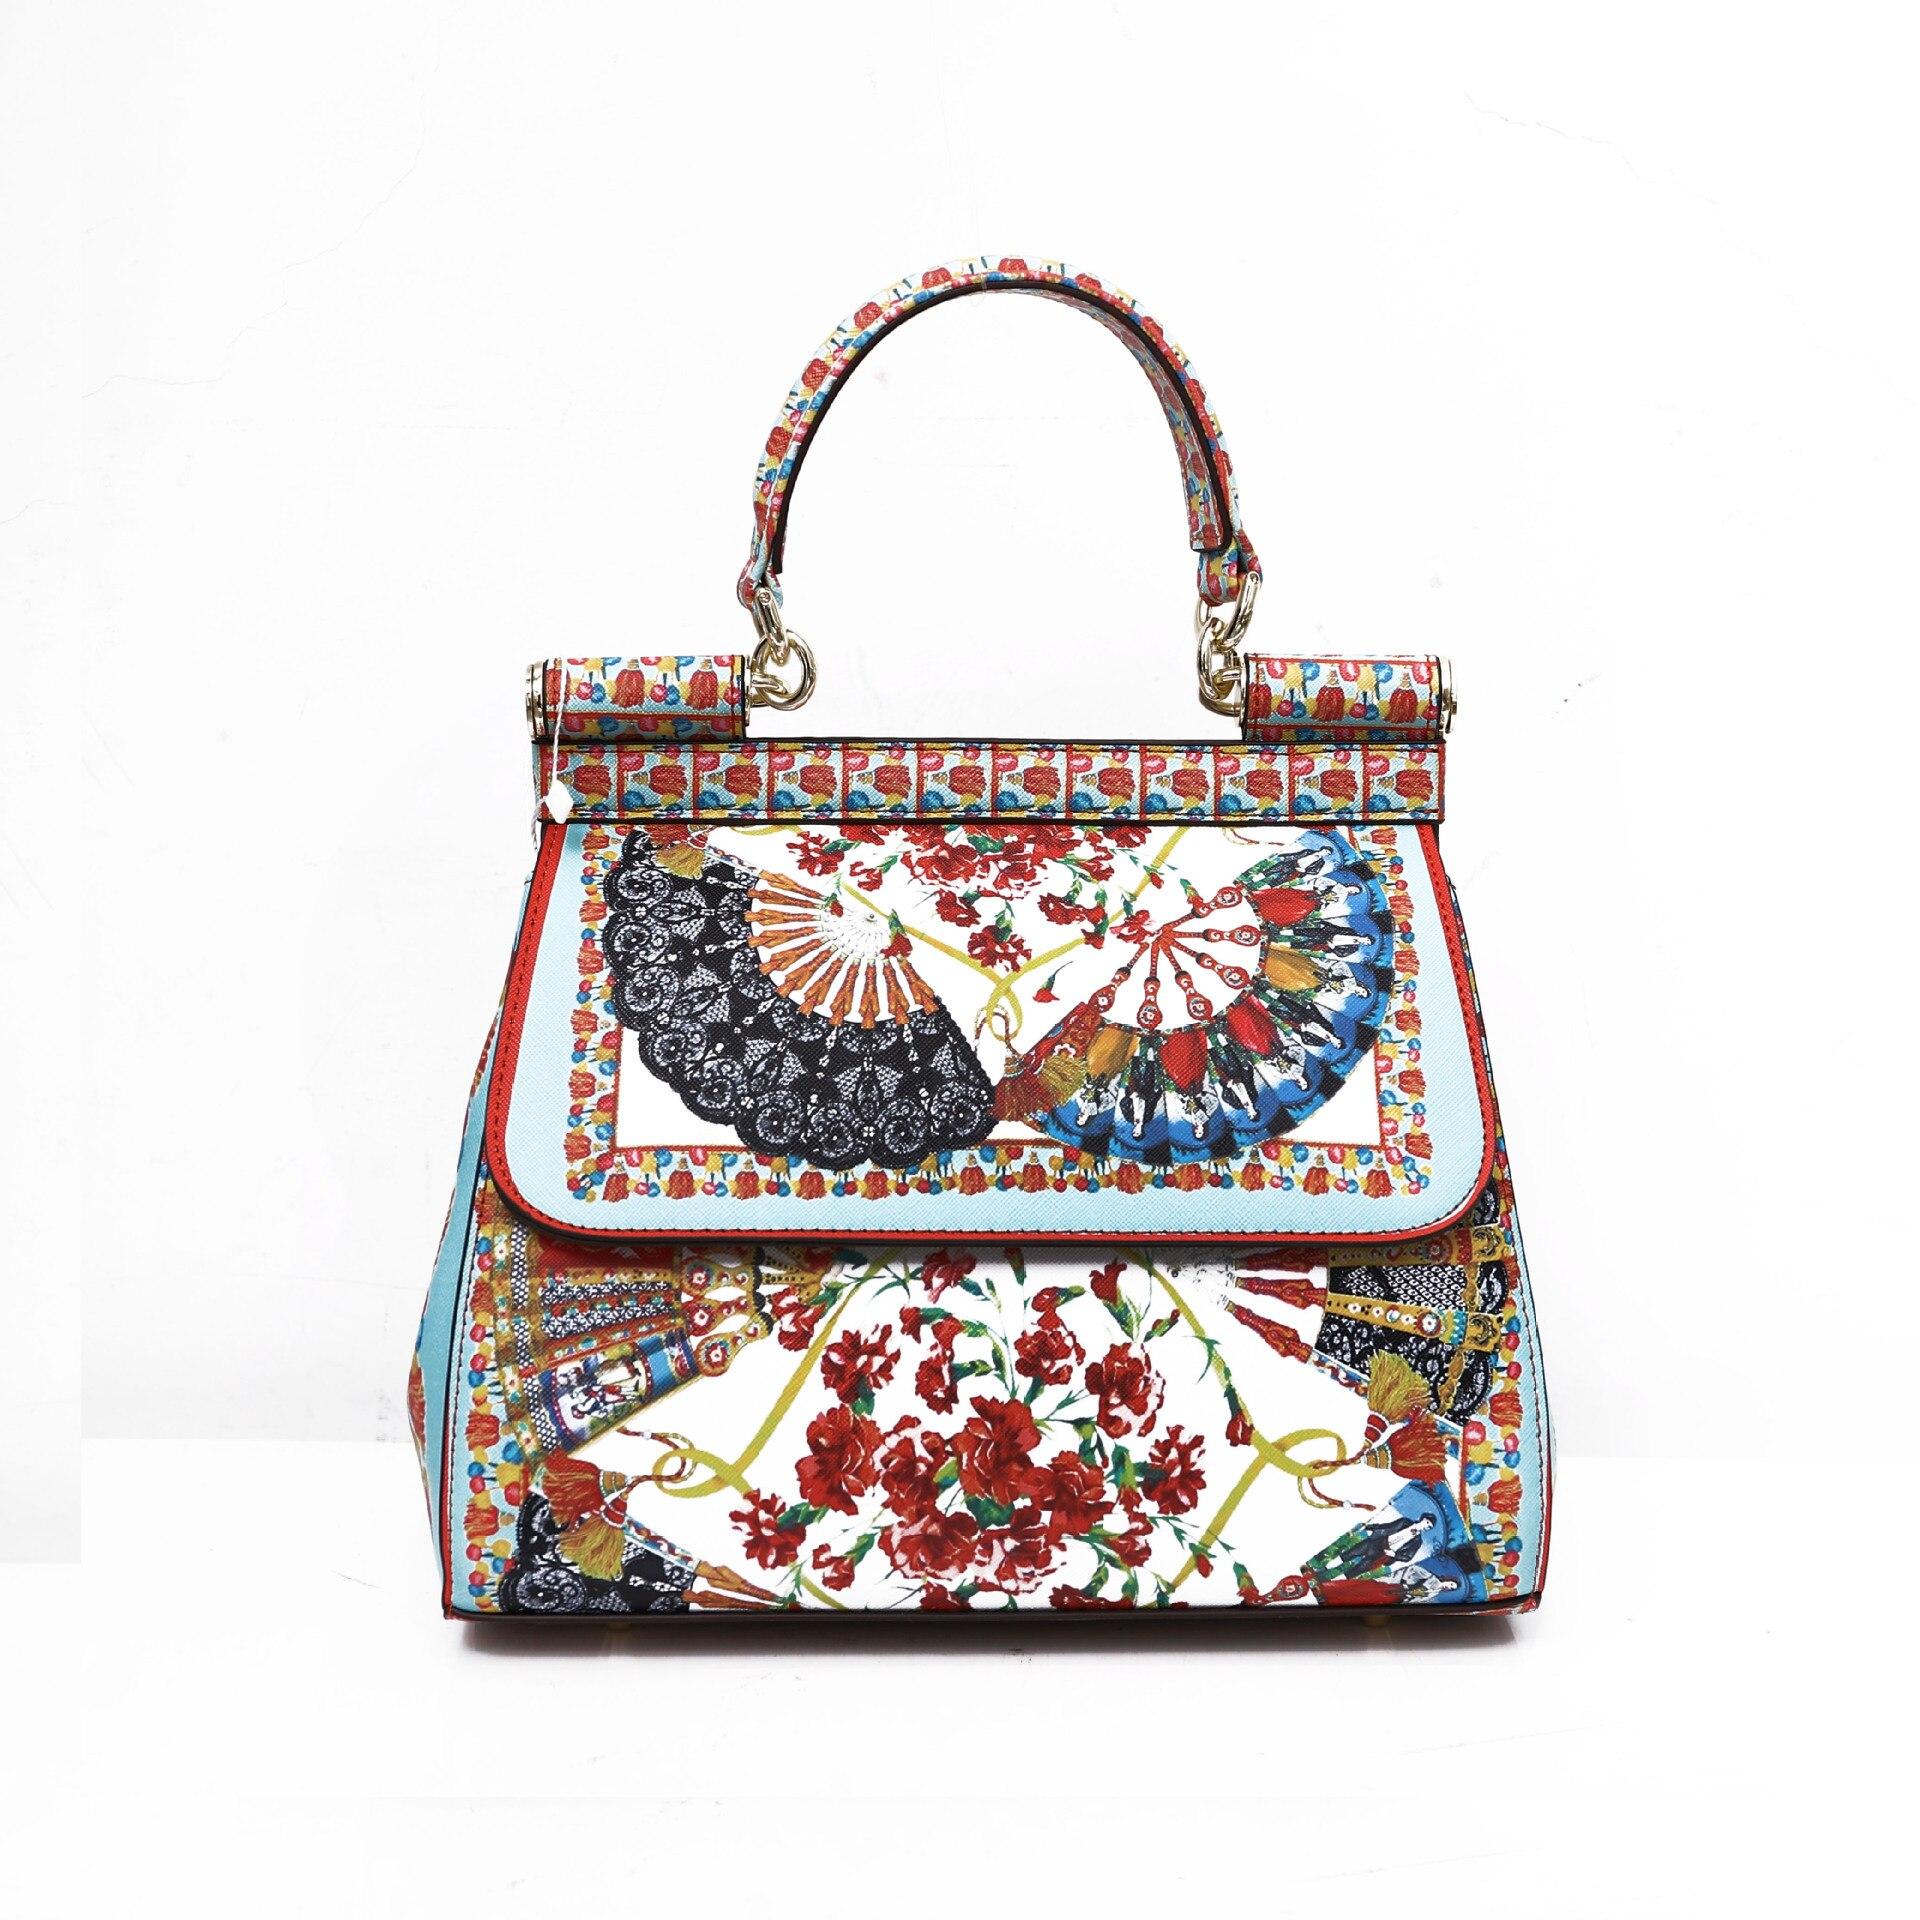 حقيبة يد عصرية بطباعة 2021 ، حقيبة للسيدات ، حقيبة نسائية فاخرة أوروبية وأمريكية